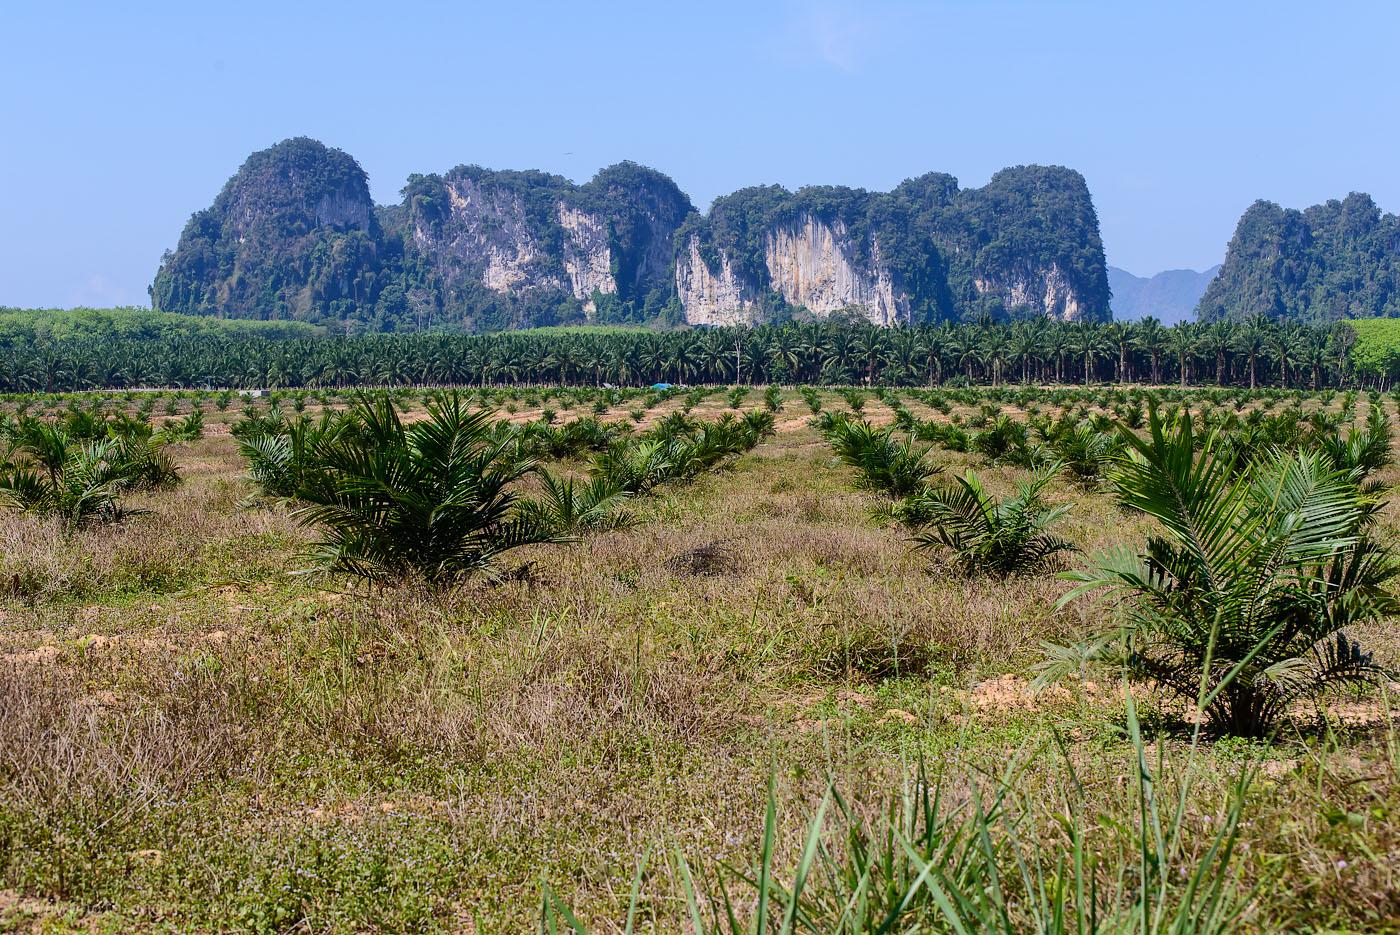 Фотография 19. Прощай чудесная страна Краби! Мы продолжаем своем самостоятельное путешествие по Таиланду за рулем арендованного автомобиля (250, 75, 9.0, 1/400)